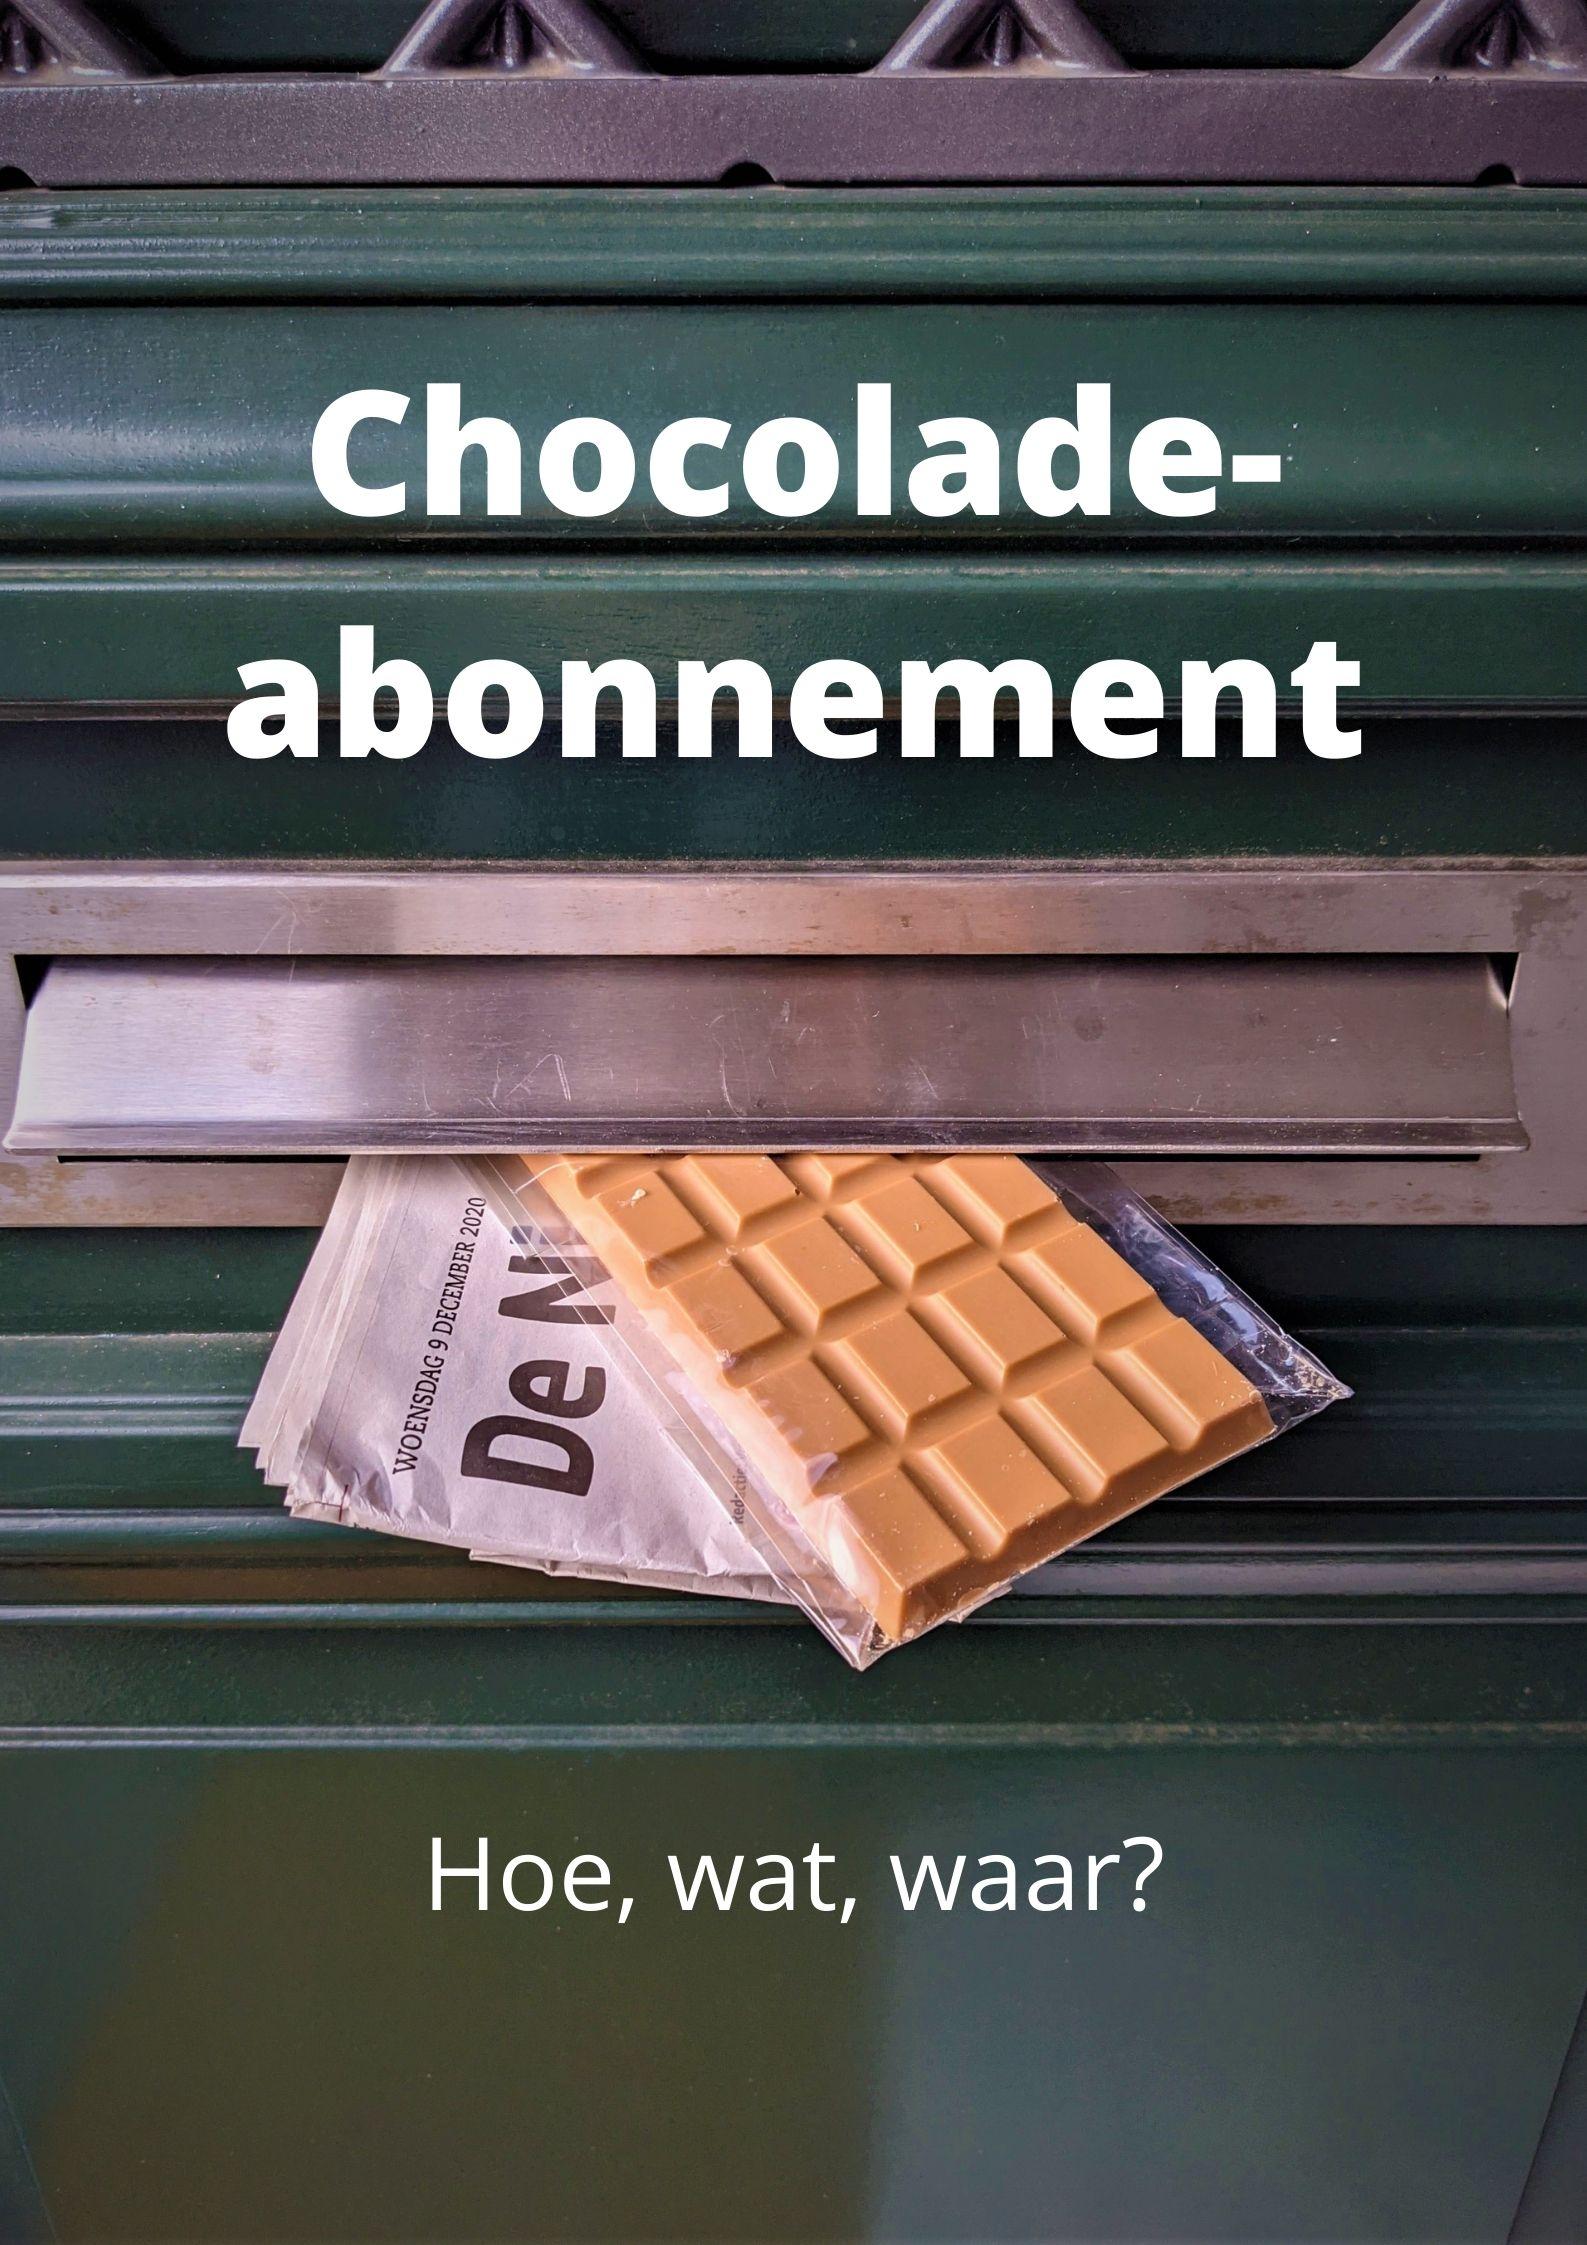 Chocolade-abonnement: wat is het en hoe werkt het?